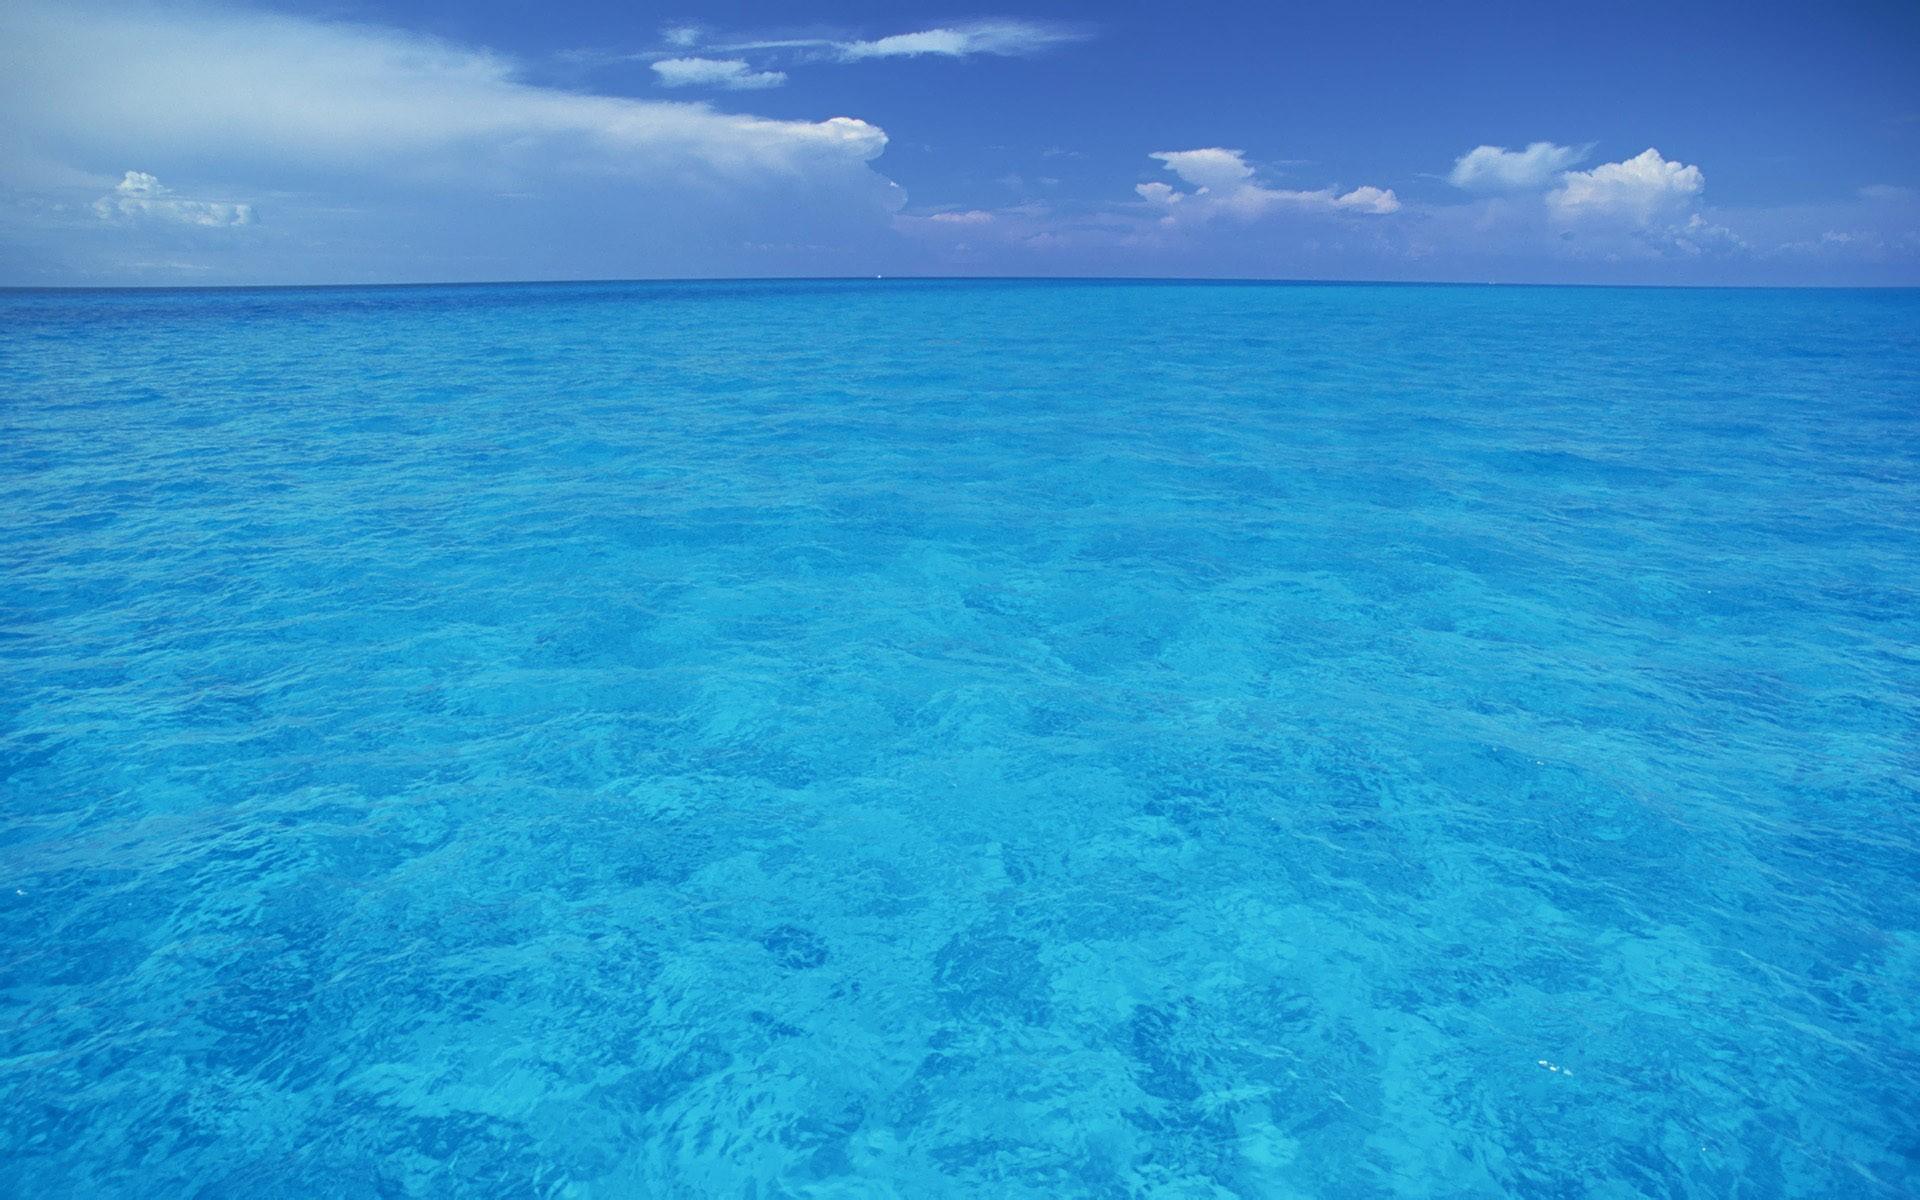 Inmenso mar azul - 1920x1200